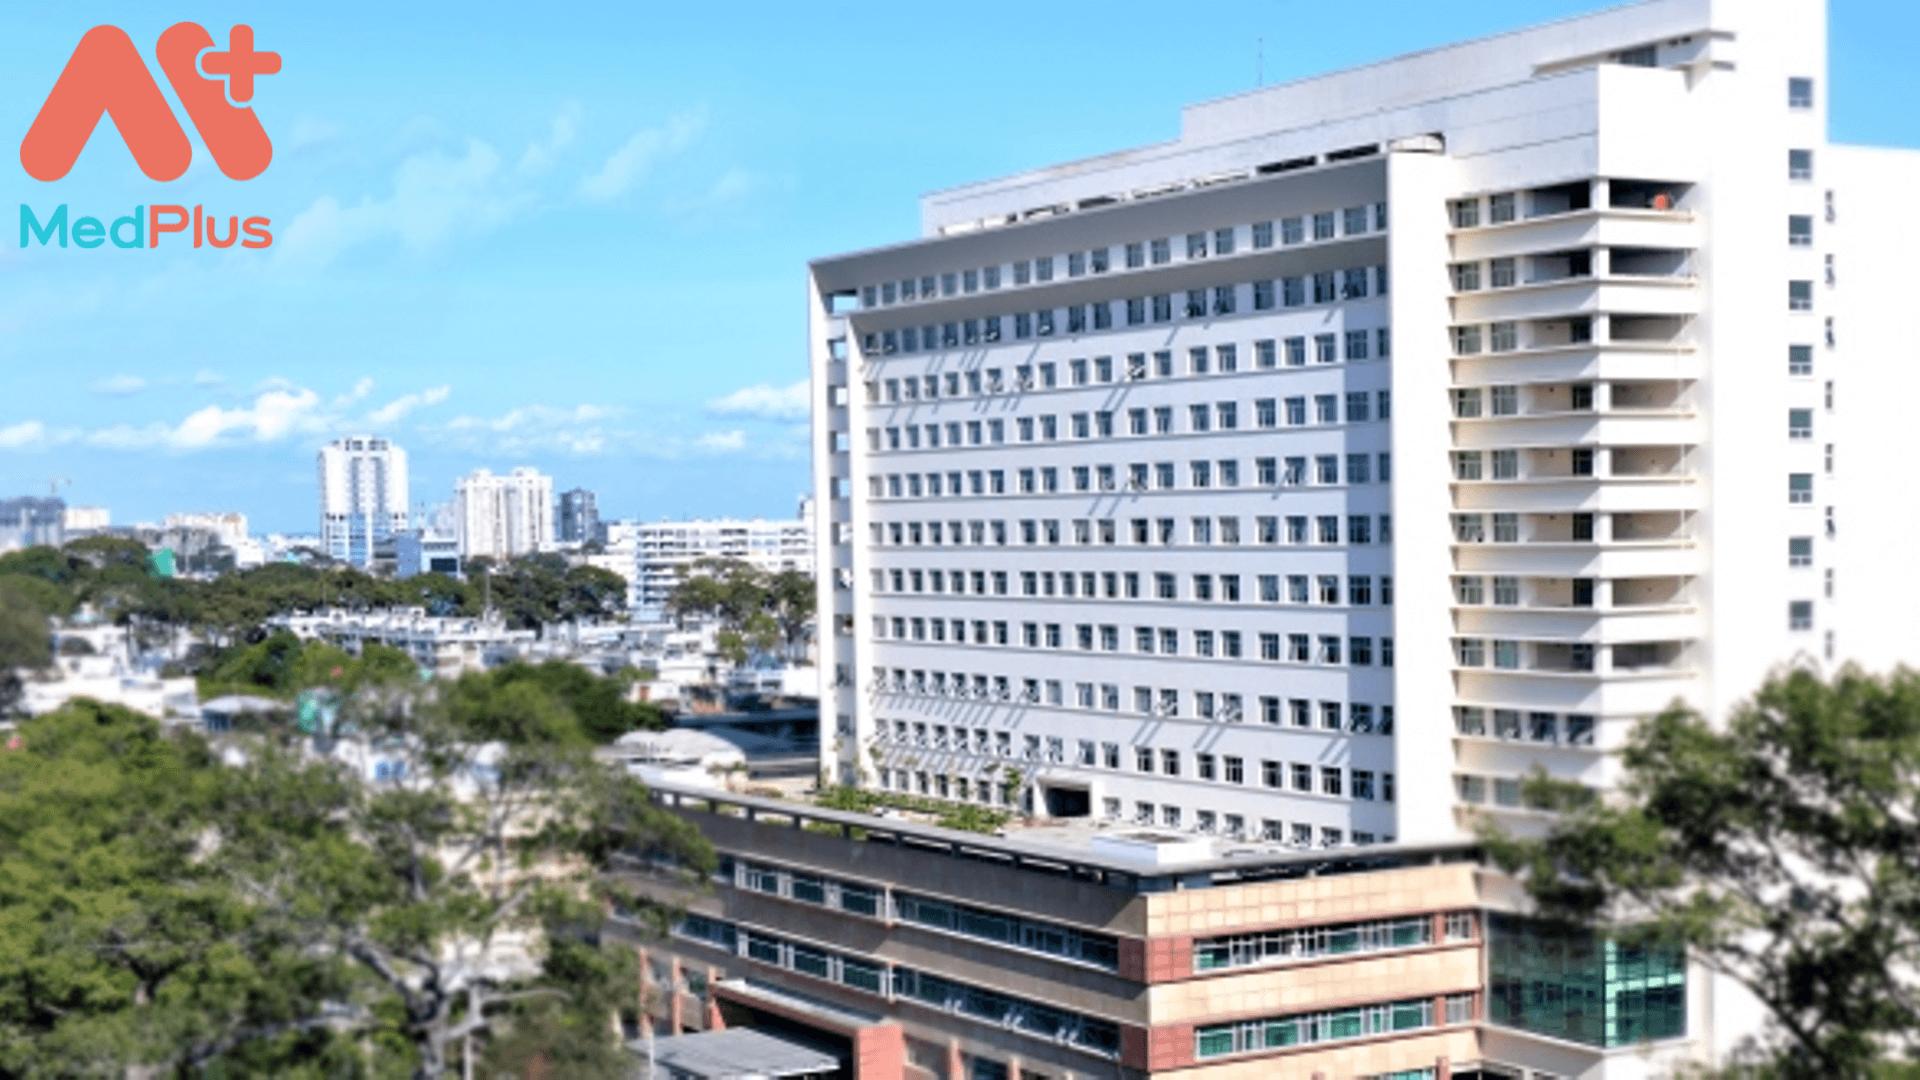 Giơi thiệu về Bệnh viện Đại học Y dược TPHCM